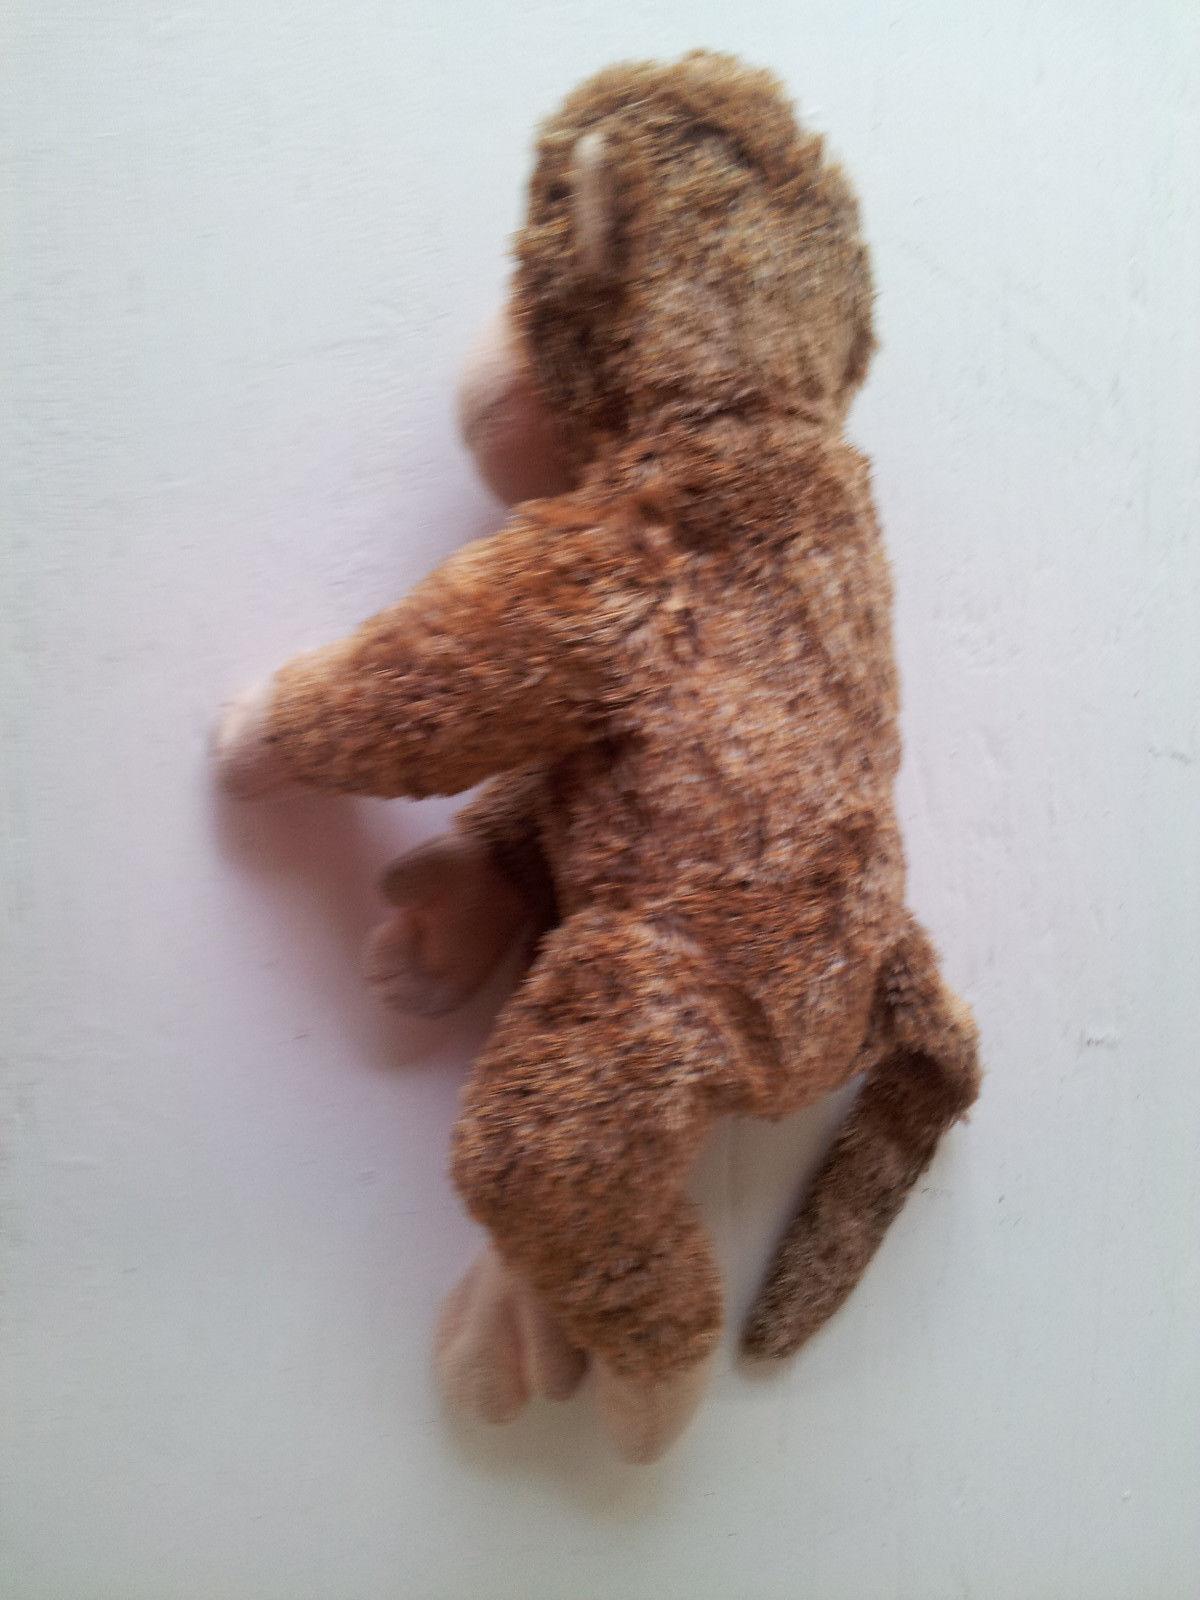 """TY Monkey Ape Toy Brown Tan Fuzzy Soft Beanie Baby Plush Stuffed Animal 10"""" image 2"""